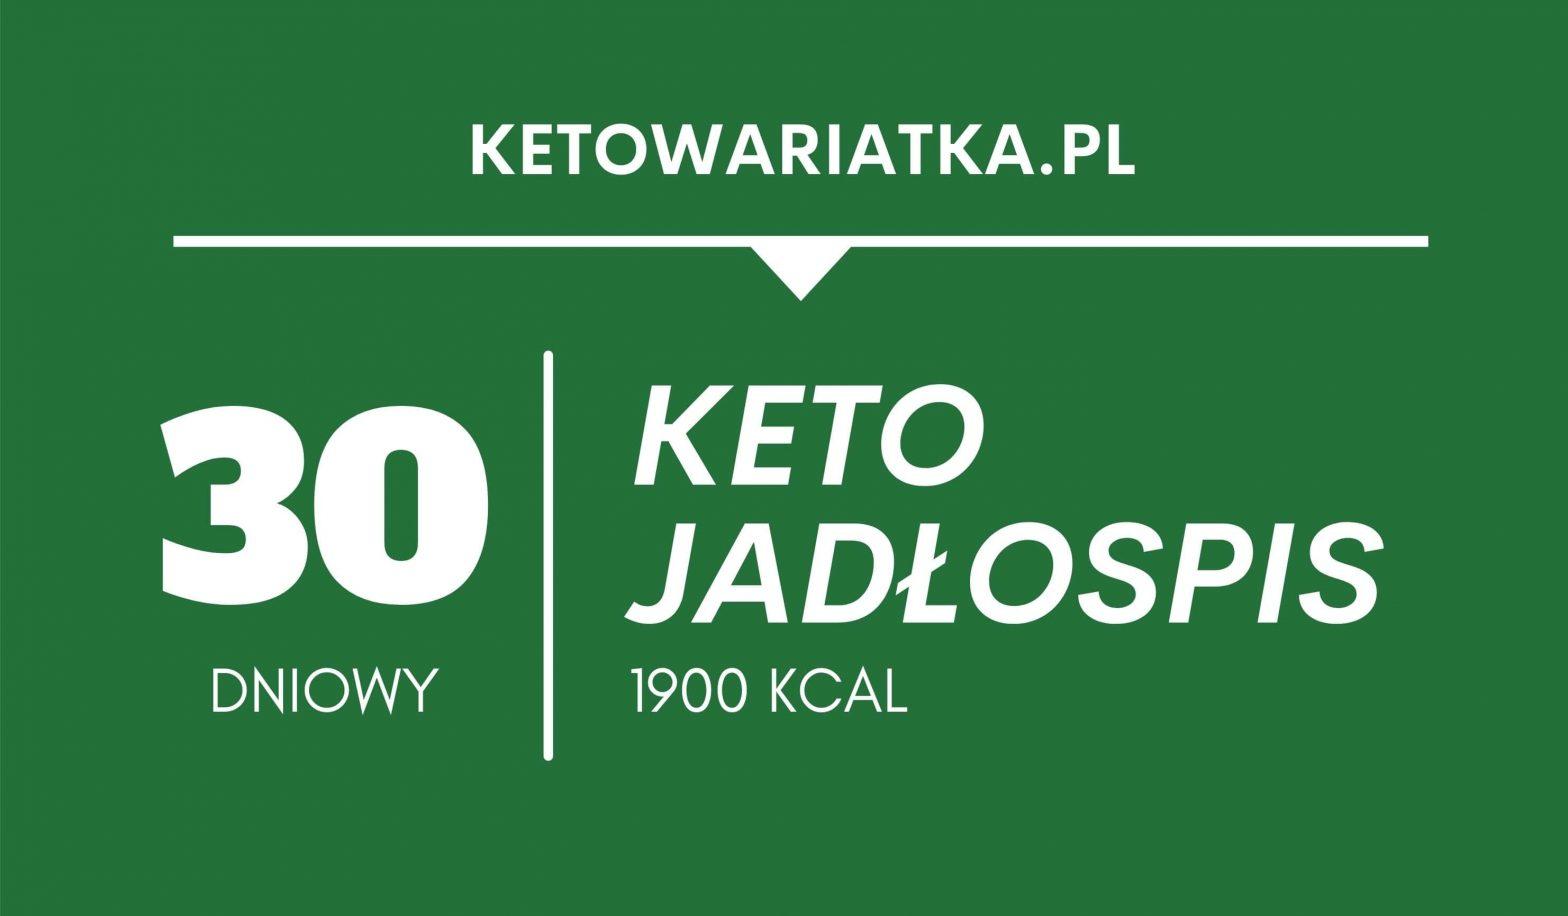 Keto jadłospis – 30 dni (1900 kcal)